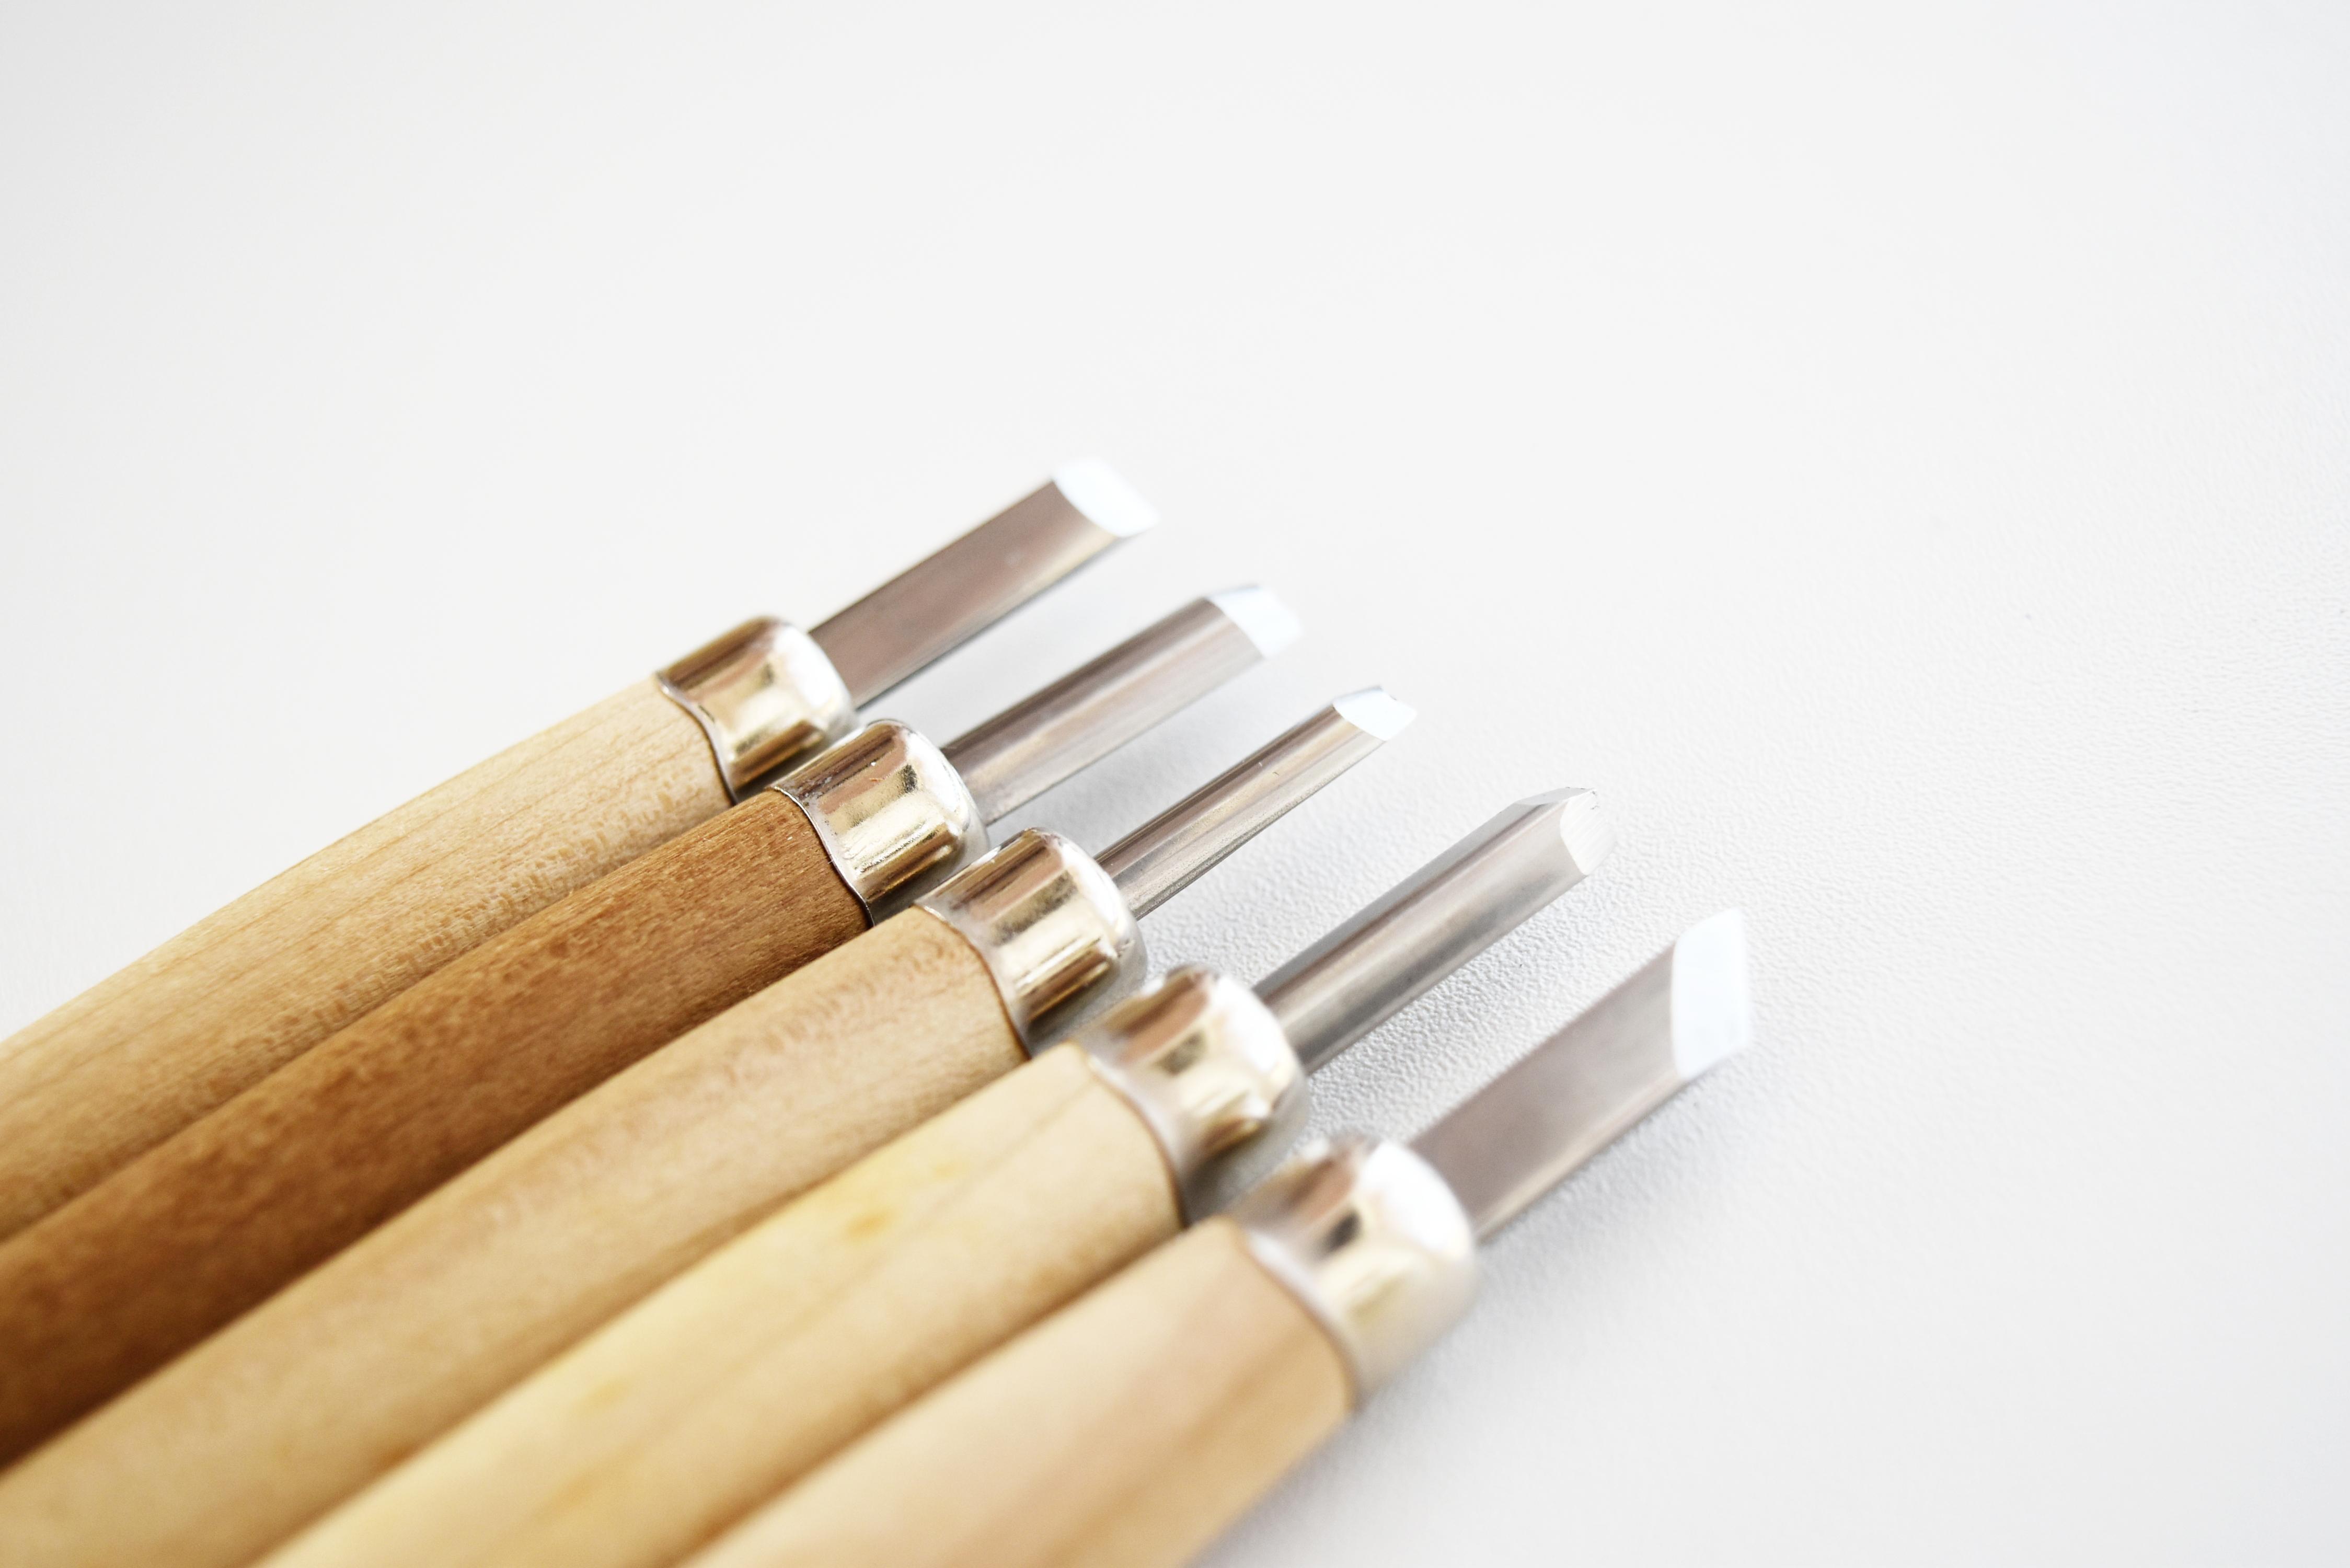 彫刻刀のおすすめ10選!木版画・プラモデルなど作品づくりに